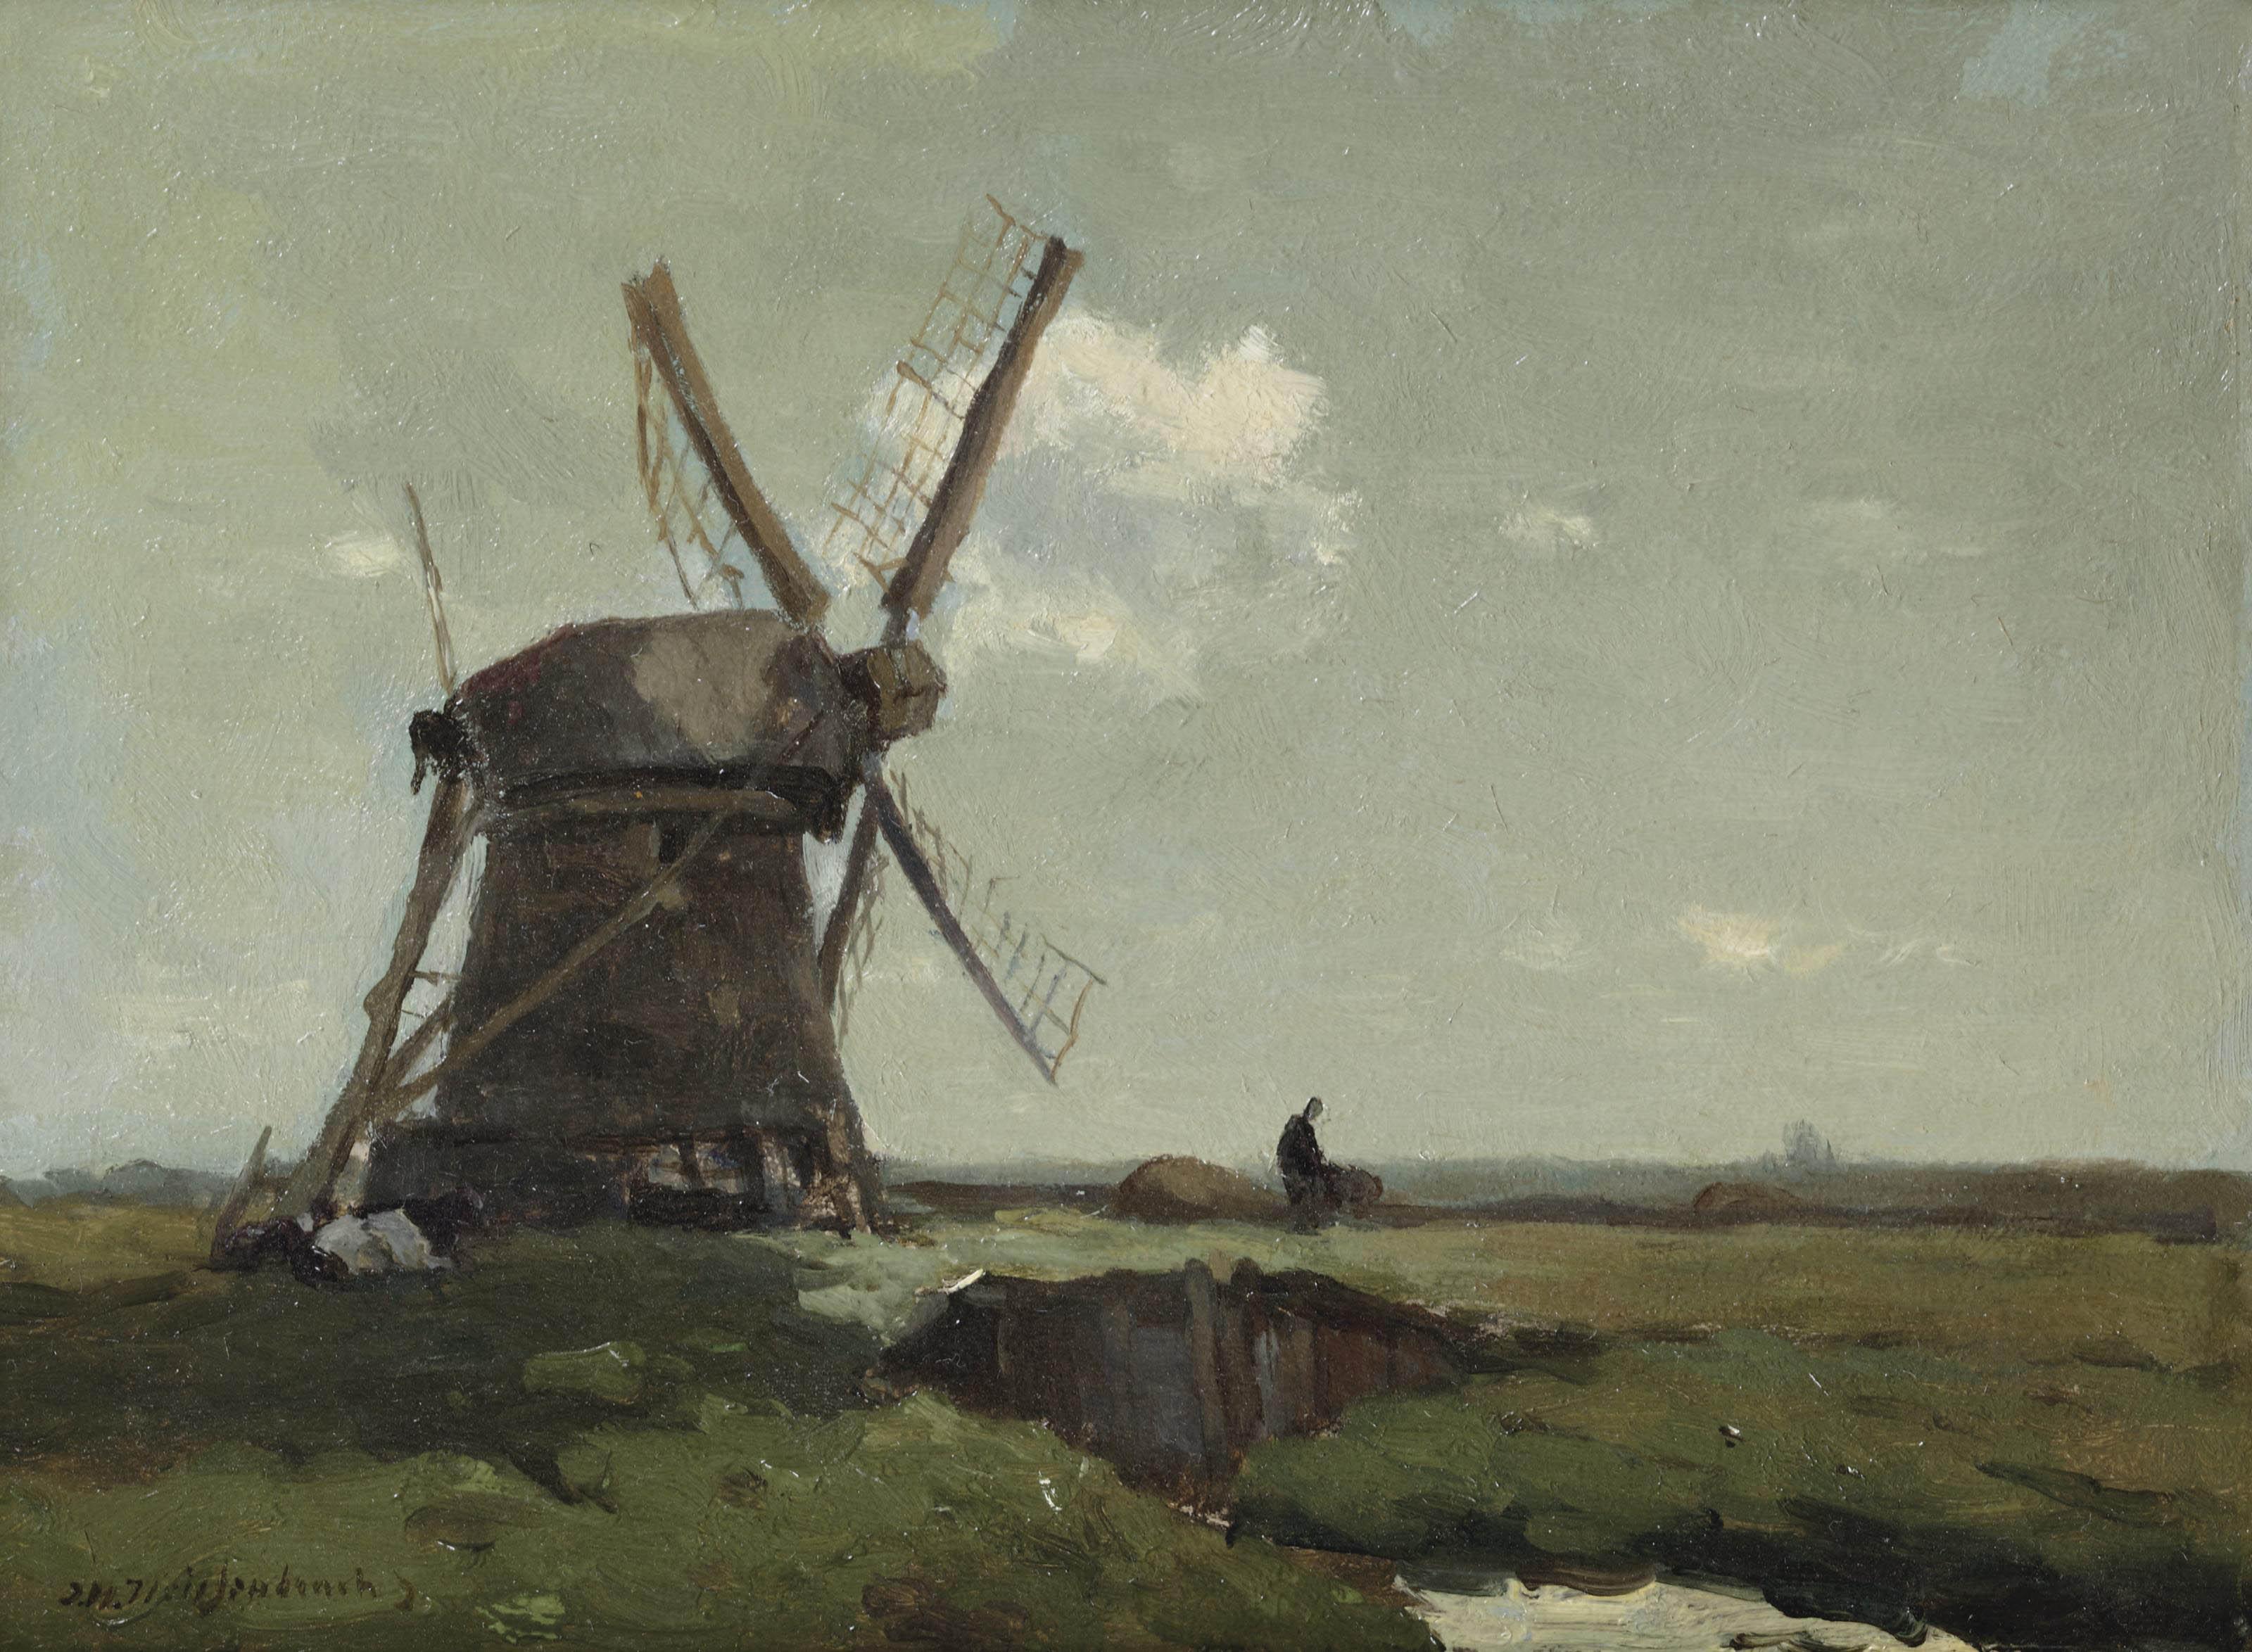 Windmill in a polder landscape, near Noorden